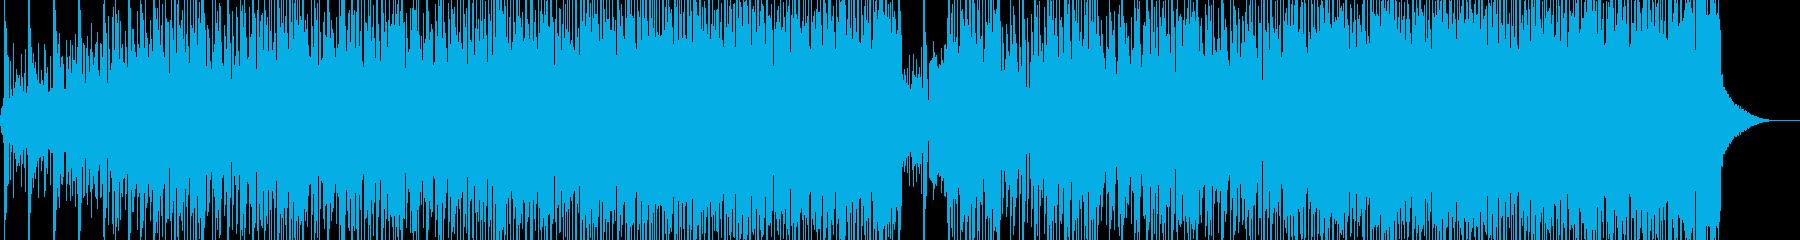 異世界・古代的なレゲトン エレキ無Aの再生済みの波形